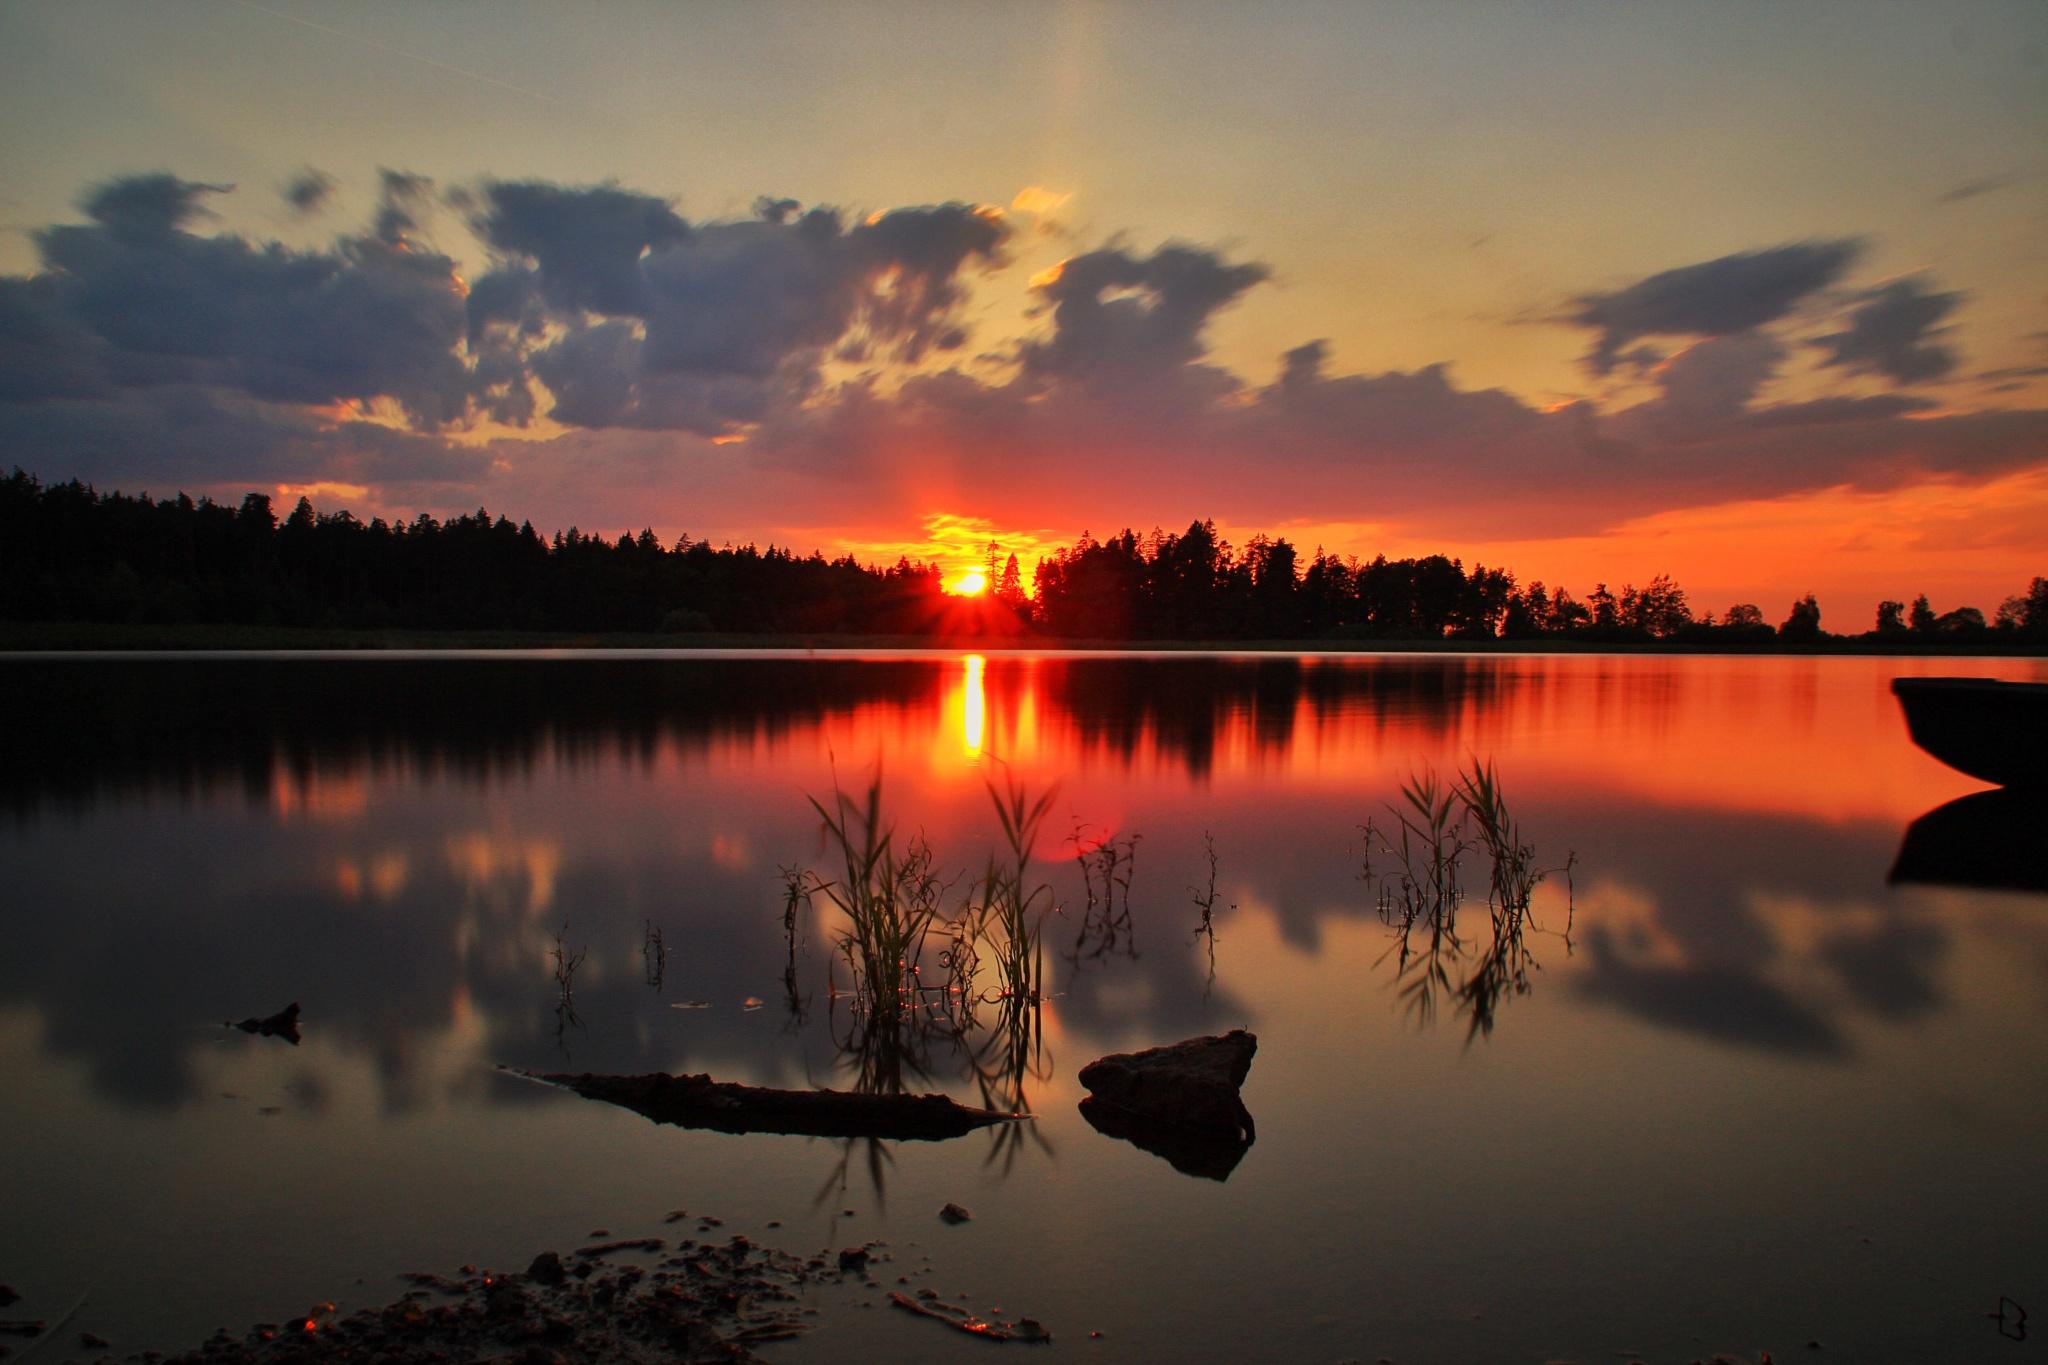 Letzten Abend am Schönauerteich  Teich by Franzl